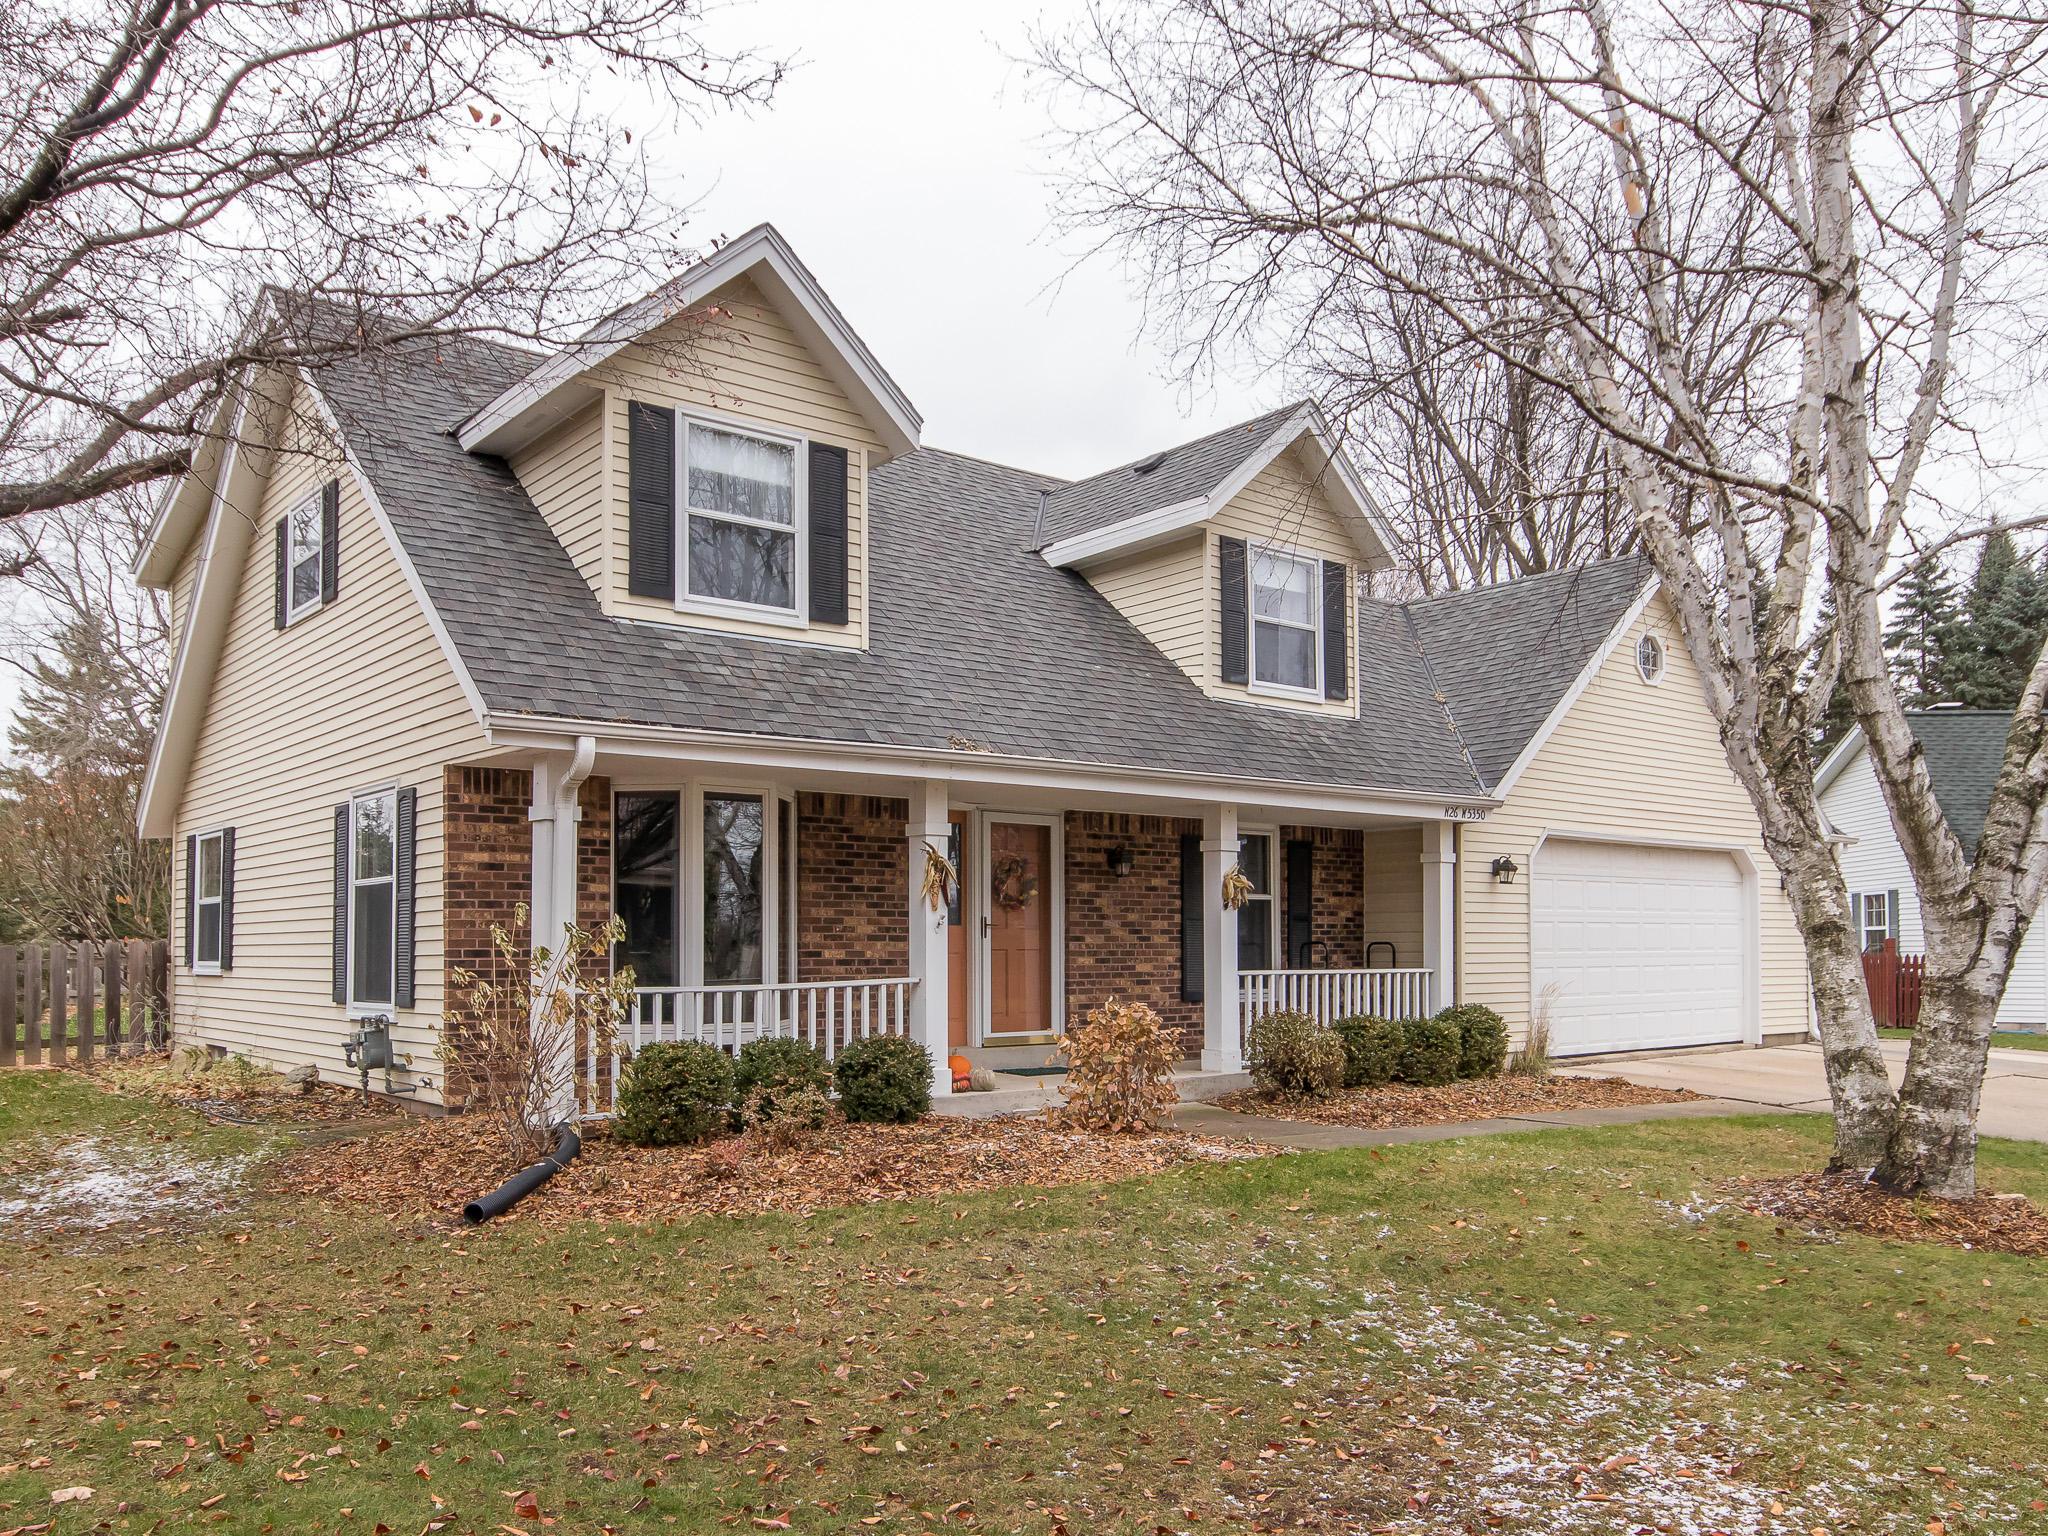 N26W5350 Polk ST, Cedarburg, Wisconsin 53012, 3 Bedrooms Bedrooms, ,2 BathroomsBathrooms,Single-Family,For Sale,Polk ST,1614589